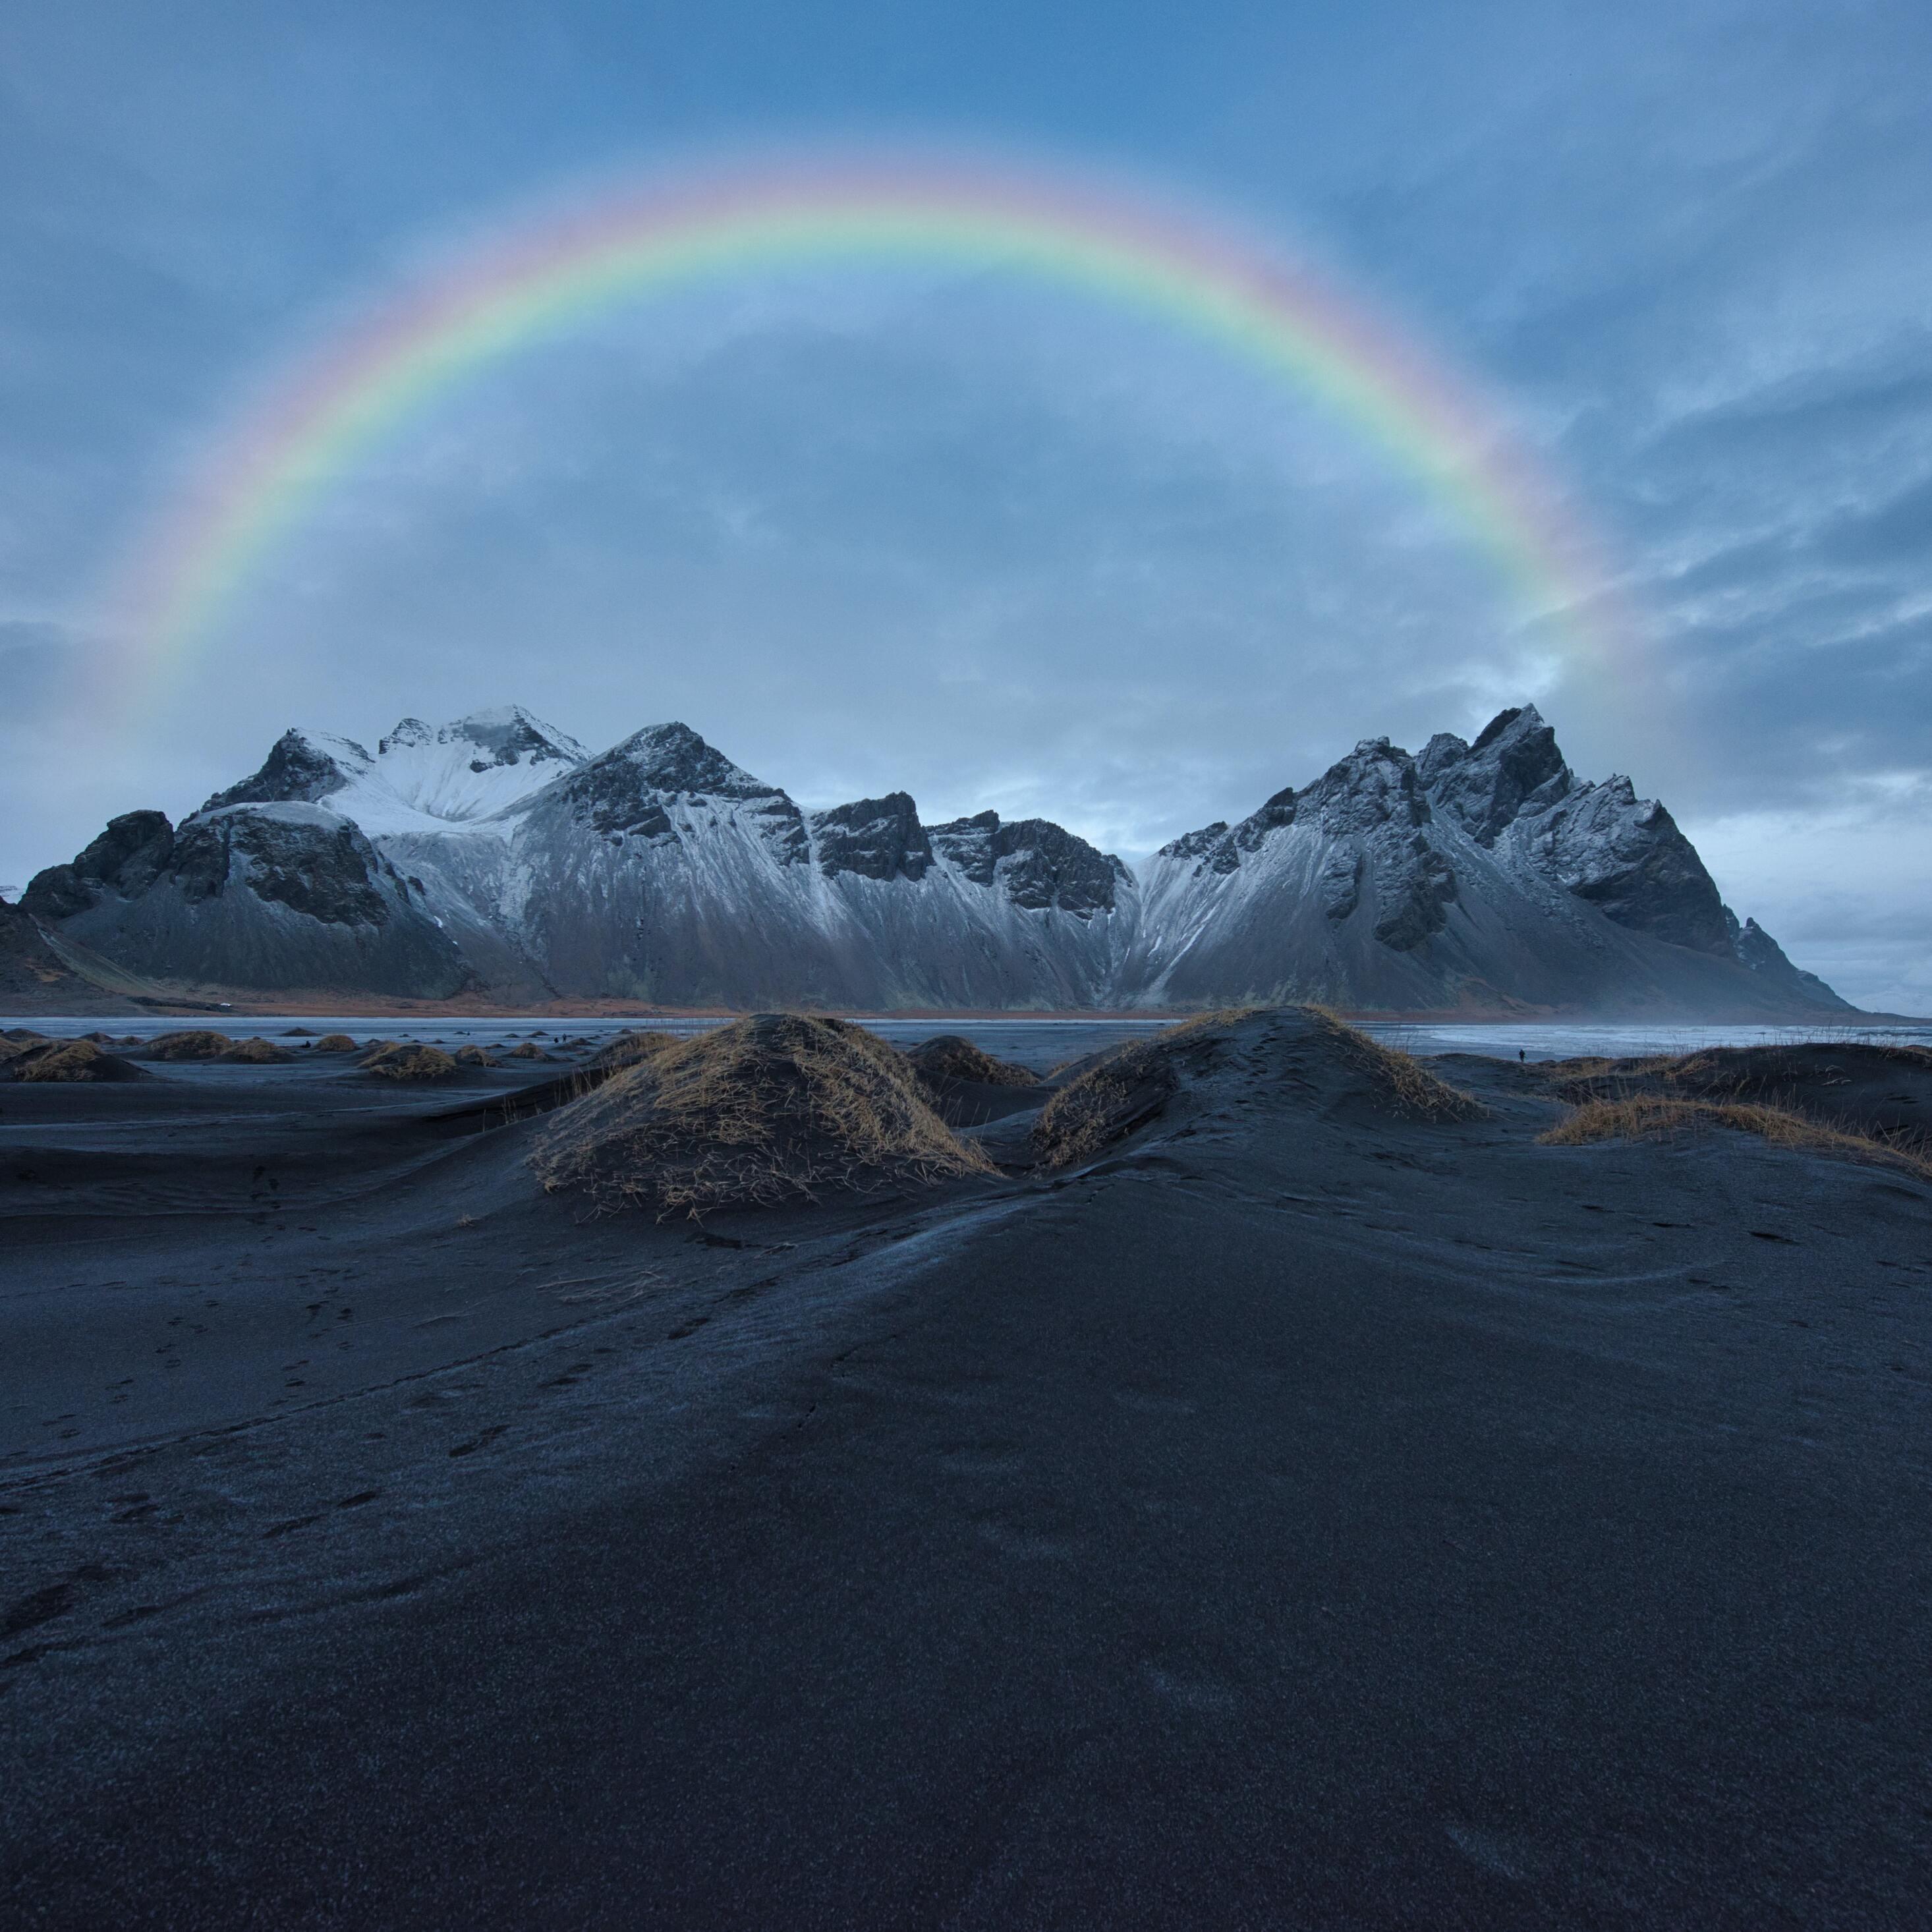 rainbow-over-snow-covered-mountain-8k-lf.jpg